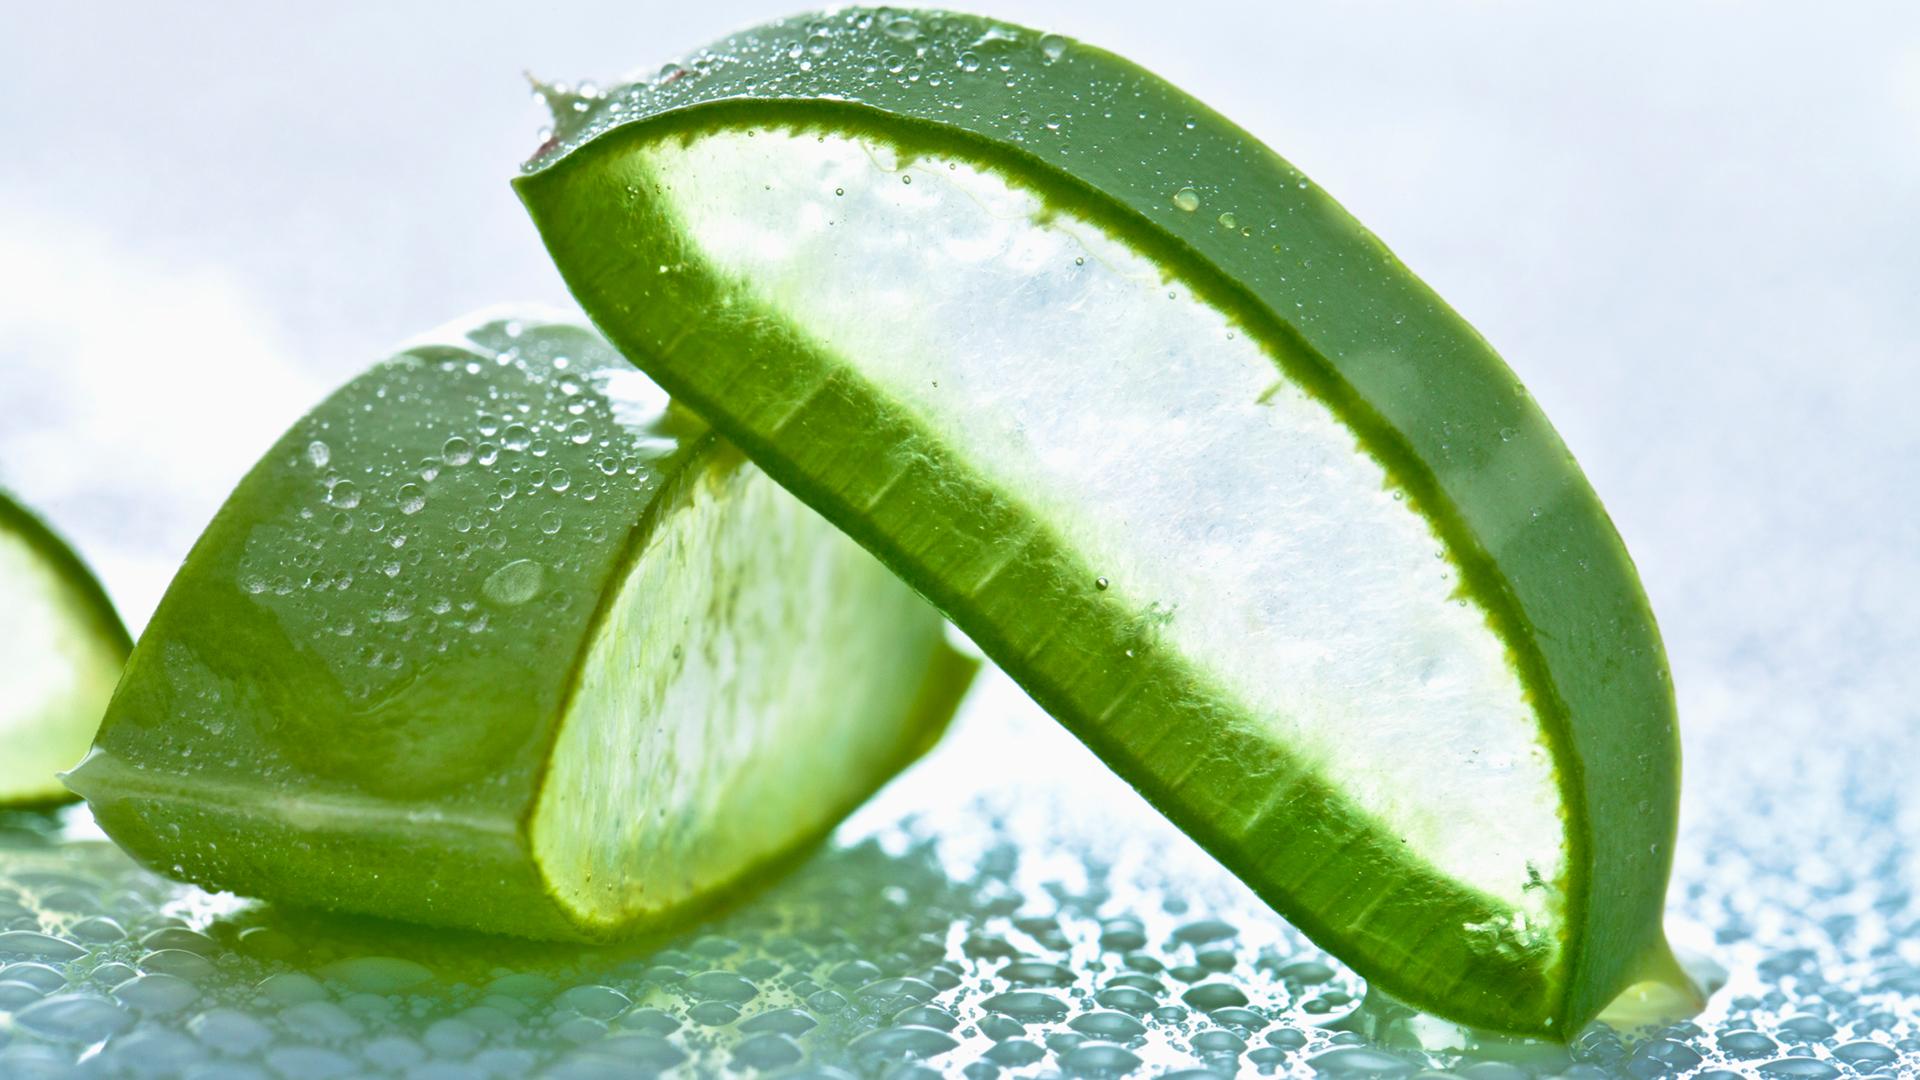 Kem chống nắng cho da khô cần chứa nhiều thành phần dưỡng ẩm chiết xuất an toàn từ thiên nhiên